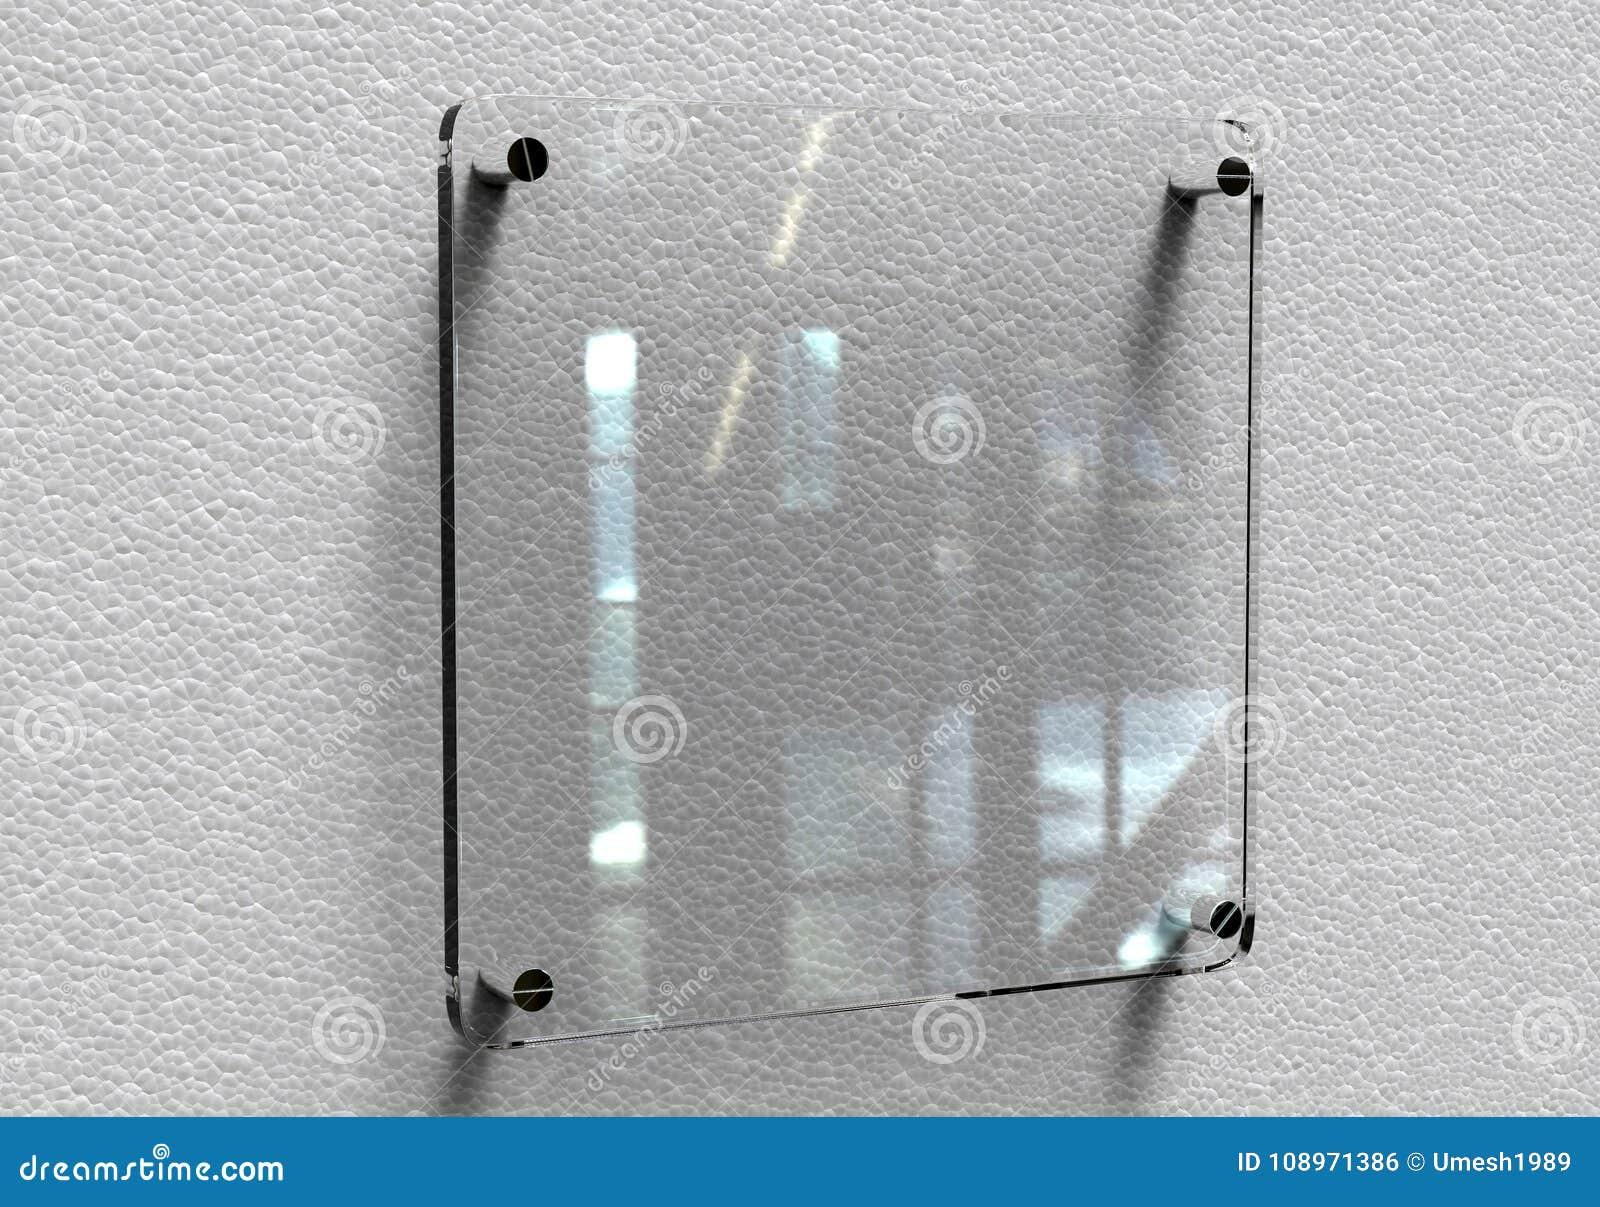 För Signageplatta för tomt genomskinligt glass inre kontor företags modell, tolkning 3d Åtlöje för känd platta för kontor upp på